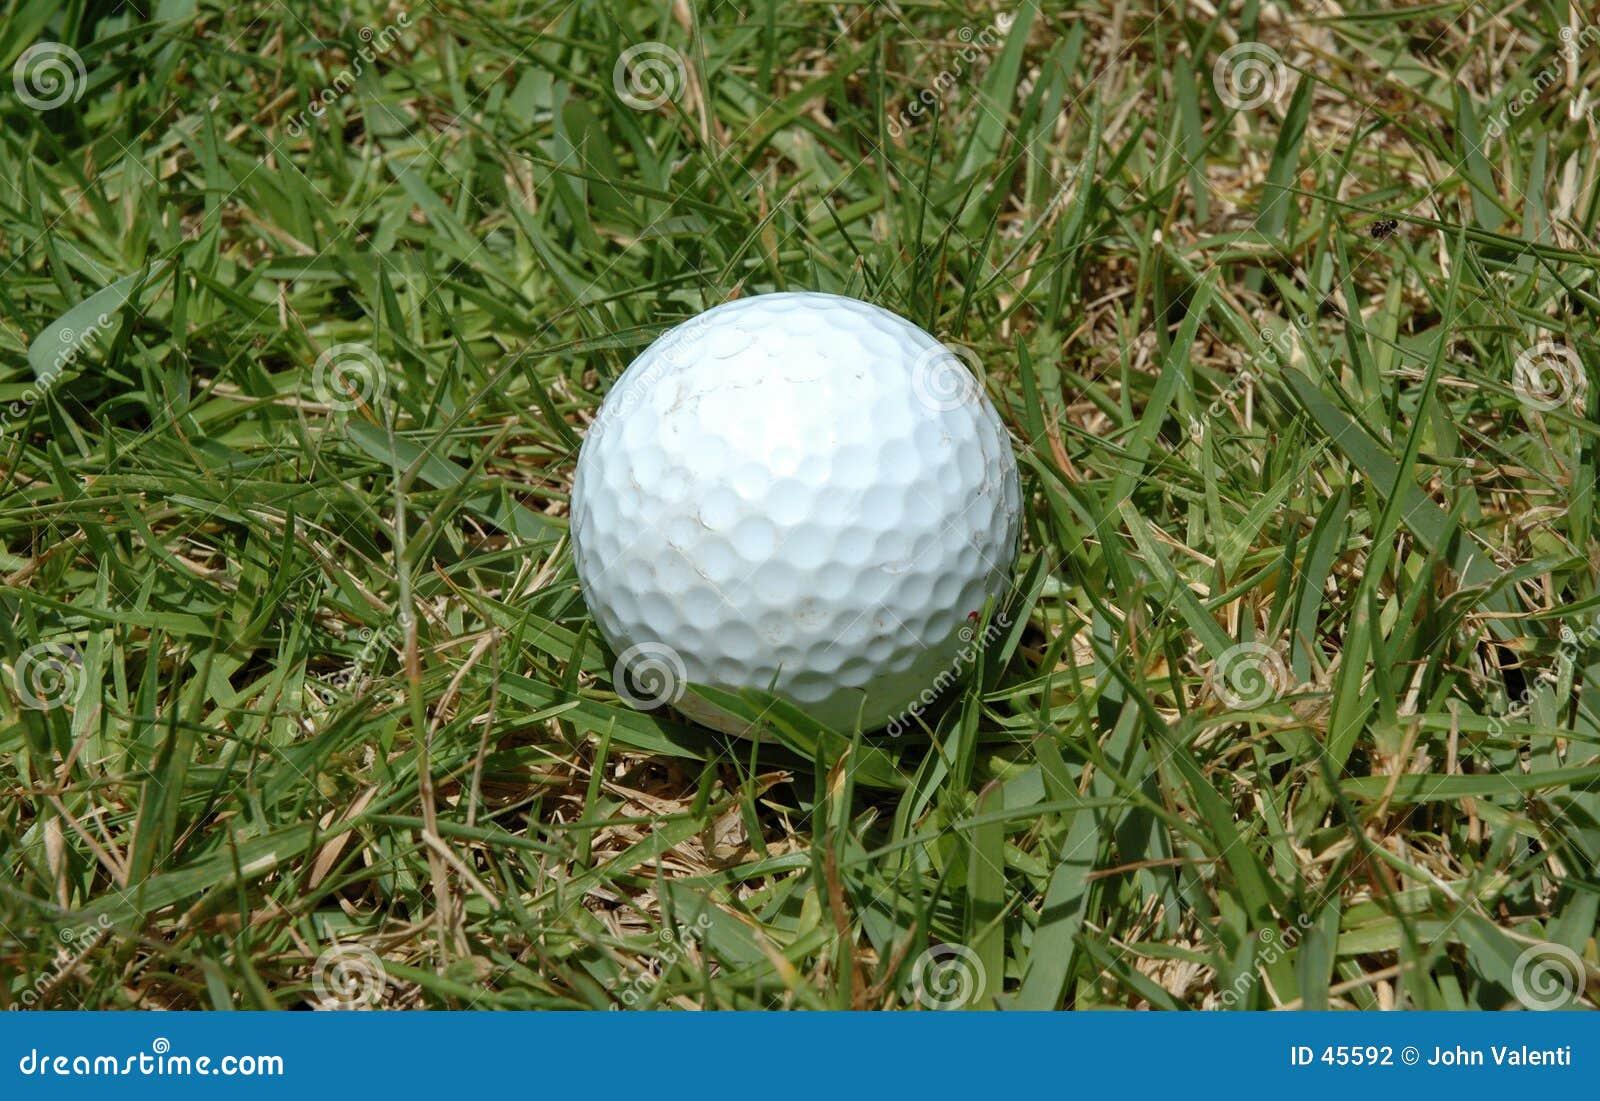 Esfera de golfe 2